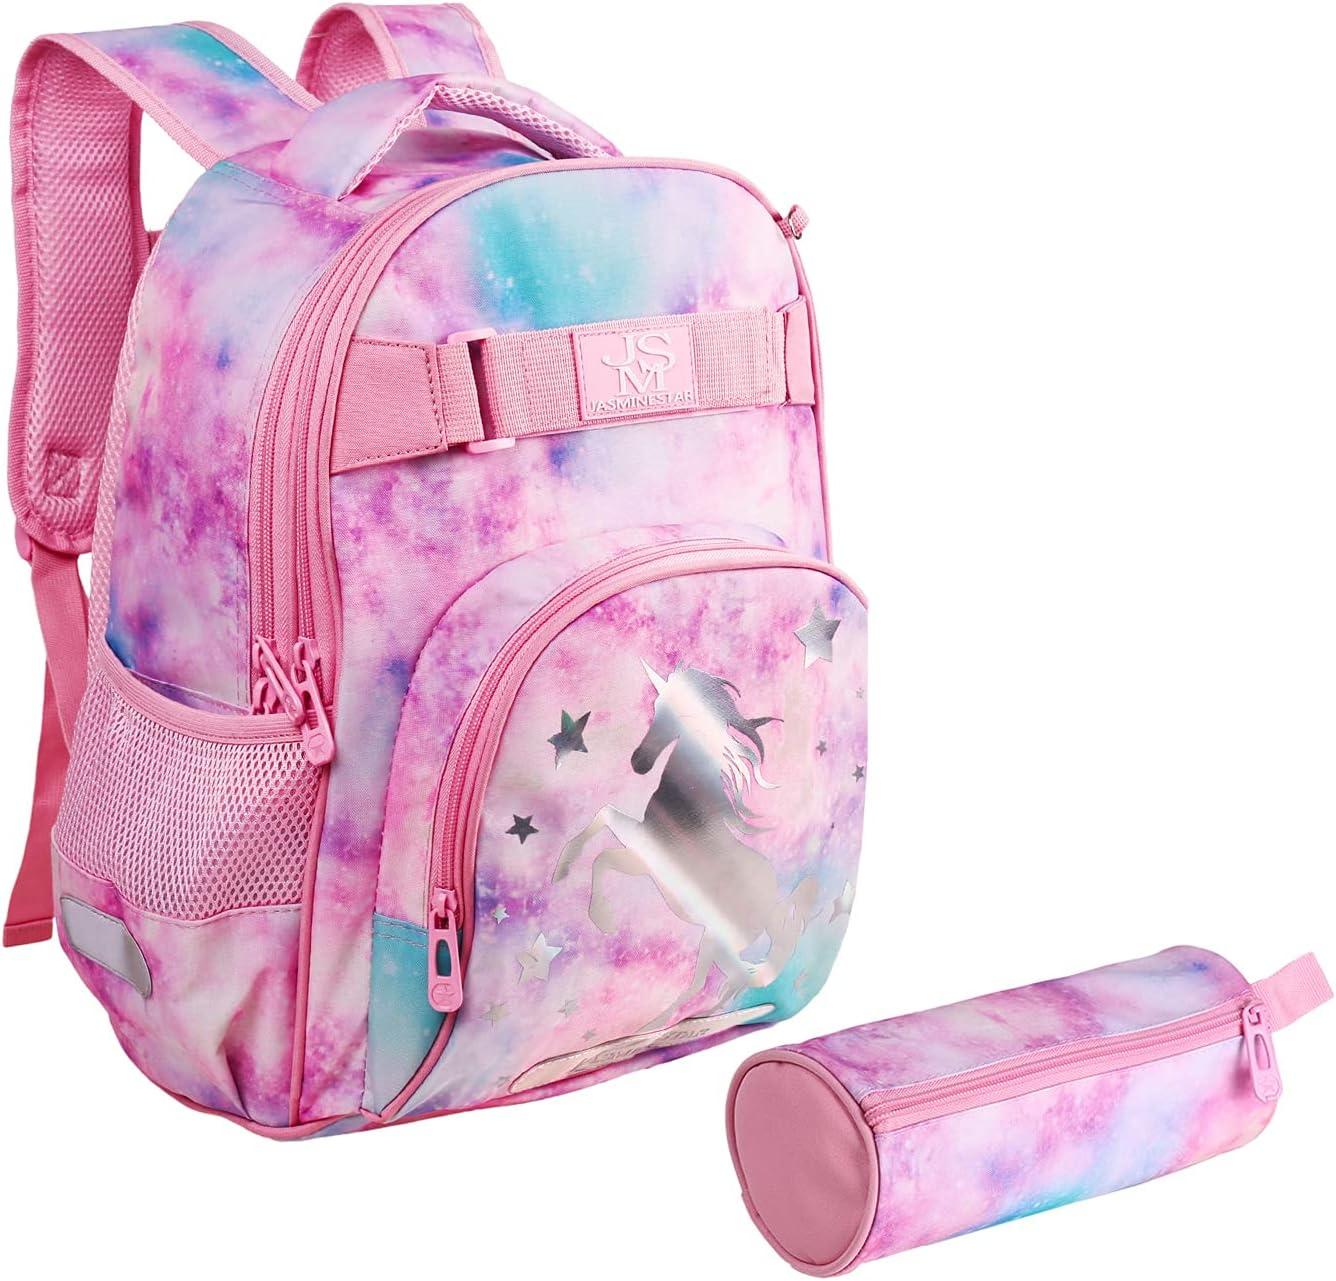 16 Inch Kids Superior Sale Special Price Backpack Preschool Waterproof School Backp